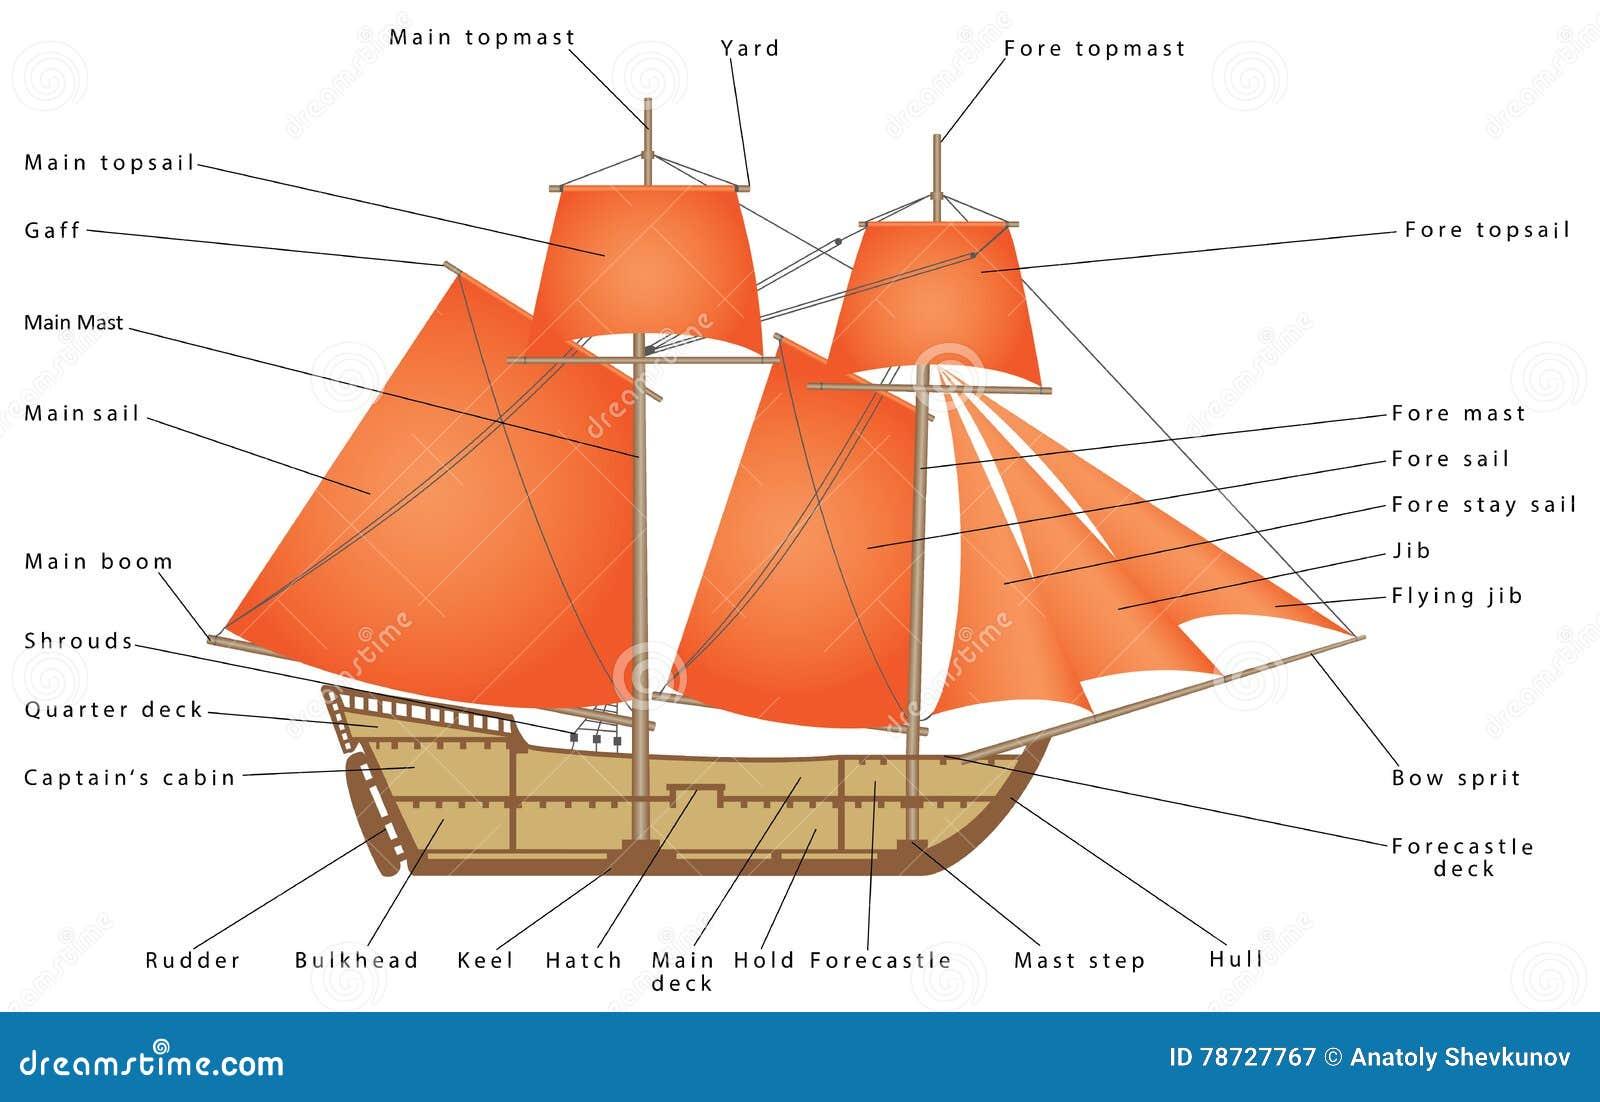 sailboat parts sailing ship diagram sailing boat pirate ship 78727767 sailboat stock vector illustration of yacht, windy, antique 78727767